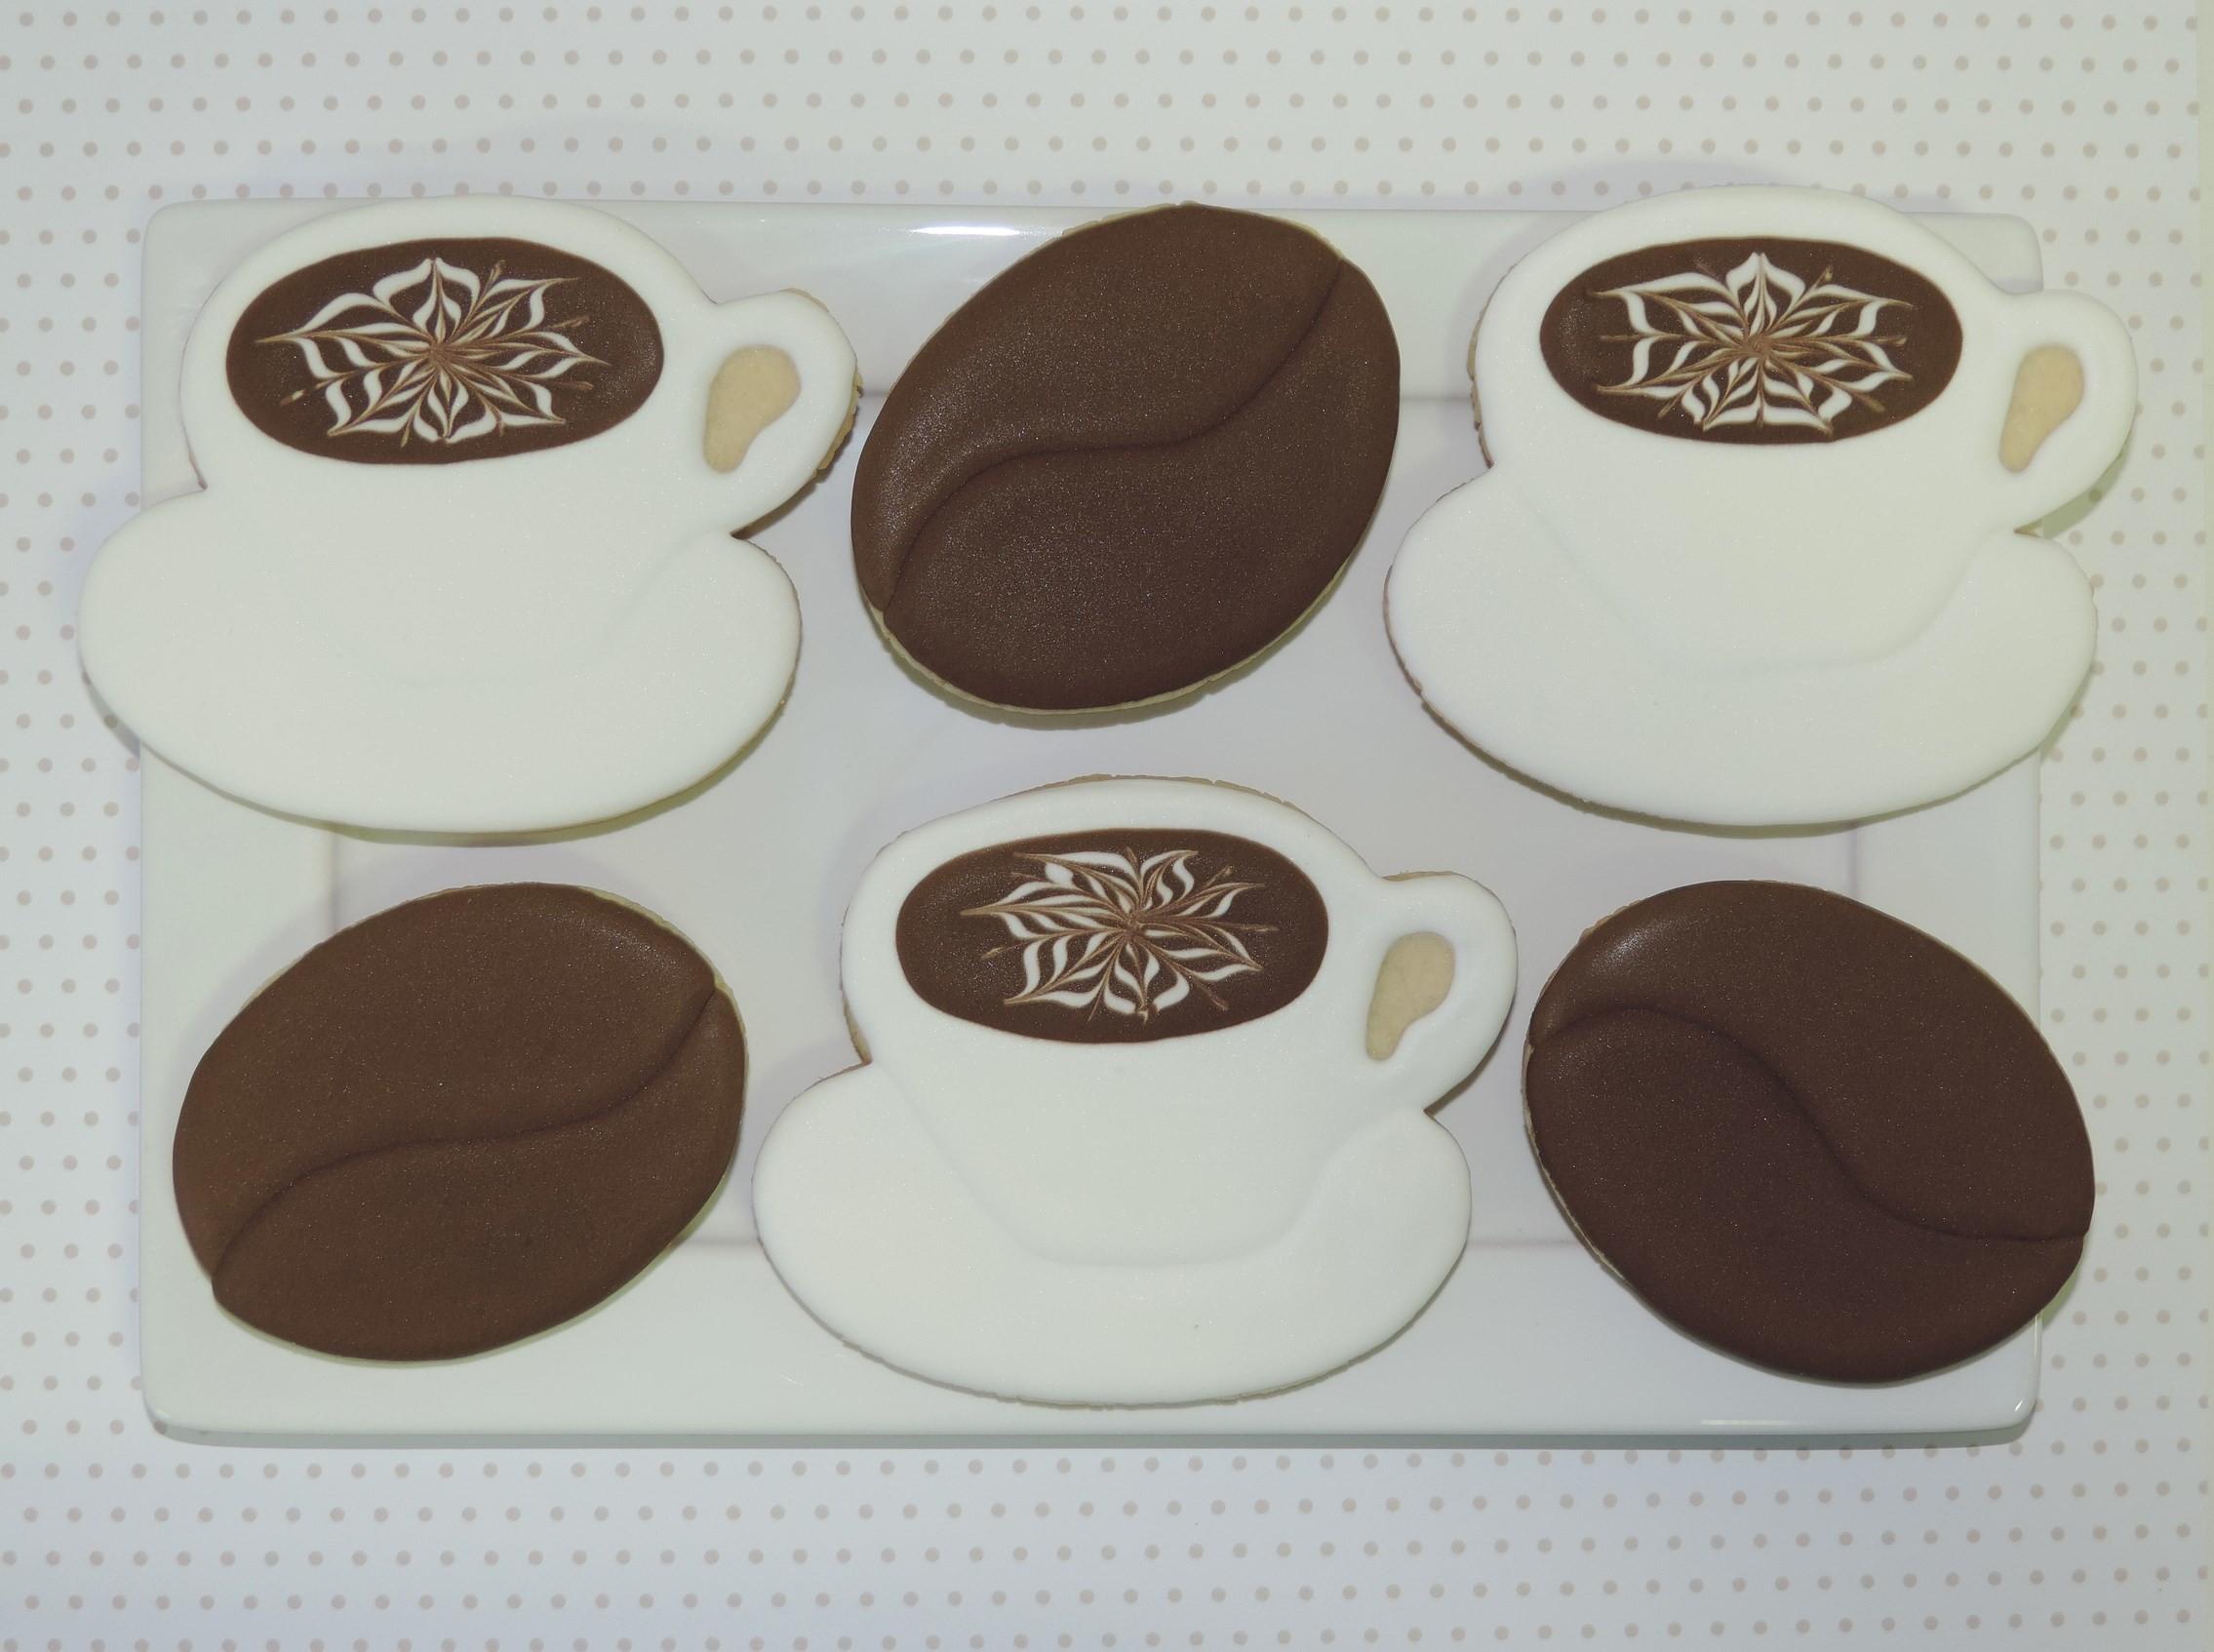 Biscoitos Decorados Café com Donuts no Elo7  52e9493c15c